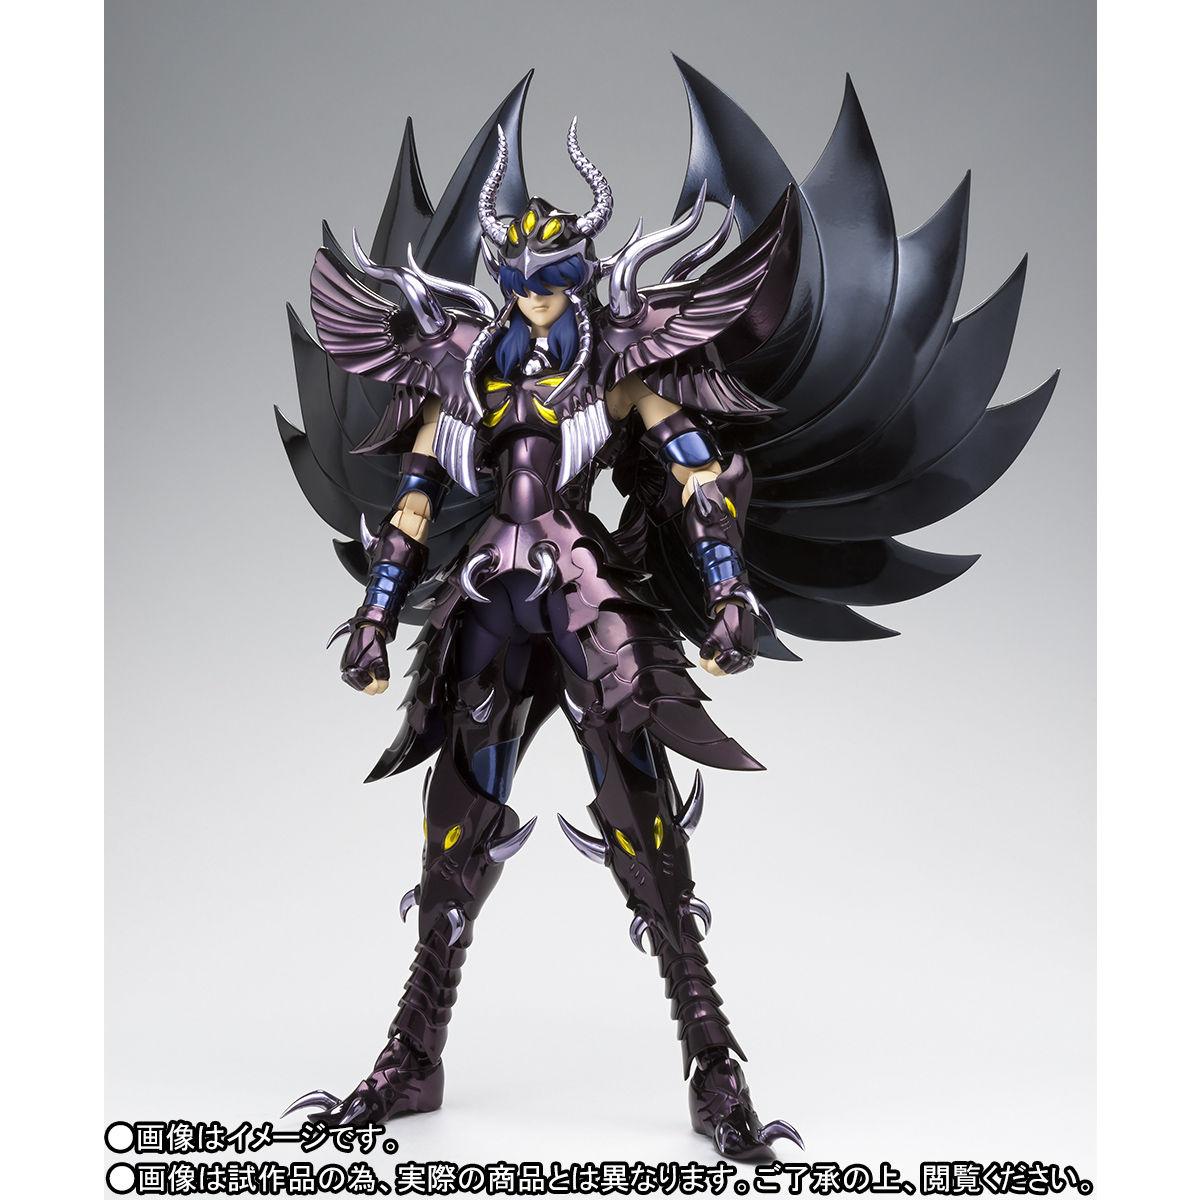 [Comentários] Aiacos de Garuda EX - Página 2 DBzicIm8_o